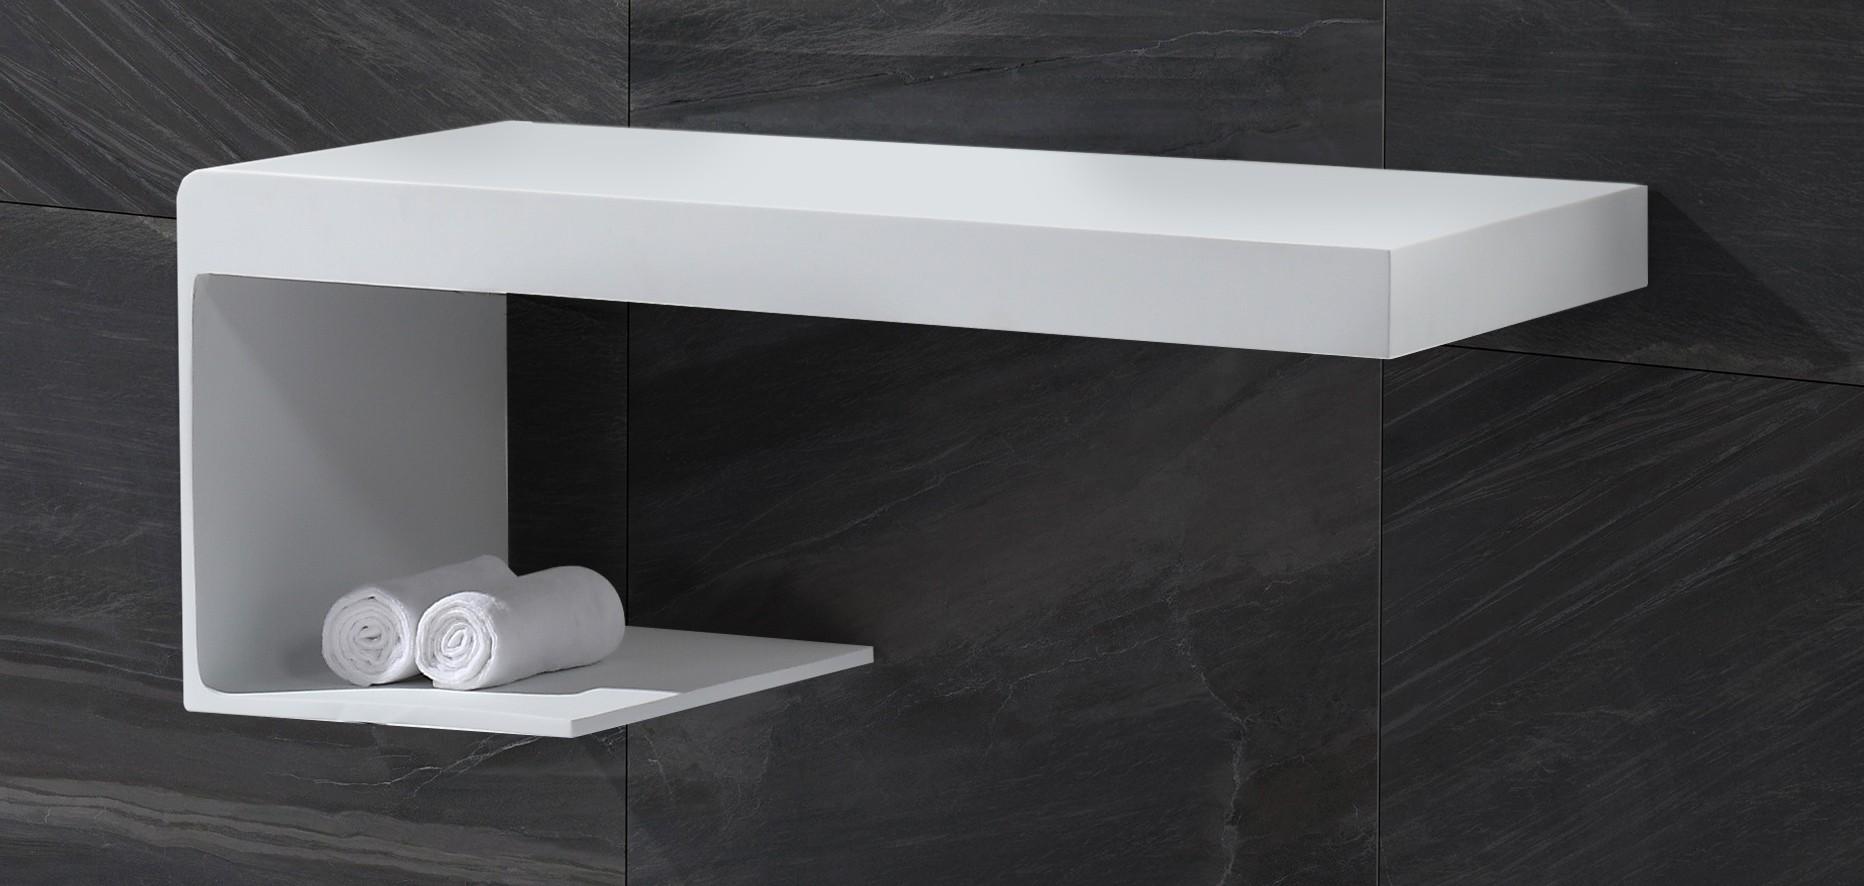 Design Waschtischplatte 1396 Badewelt Badezimmer Möbel Waschtisch ... | {Waschtischplatte 8}